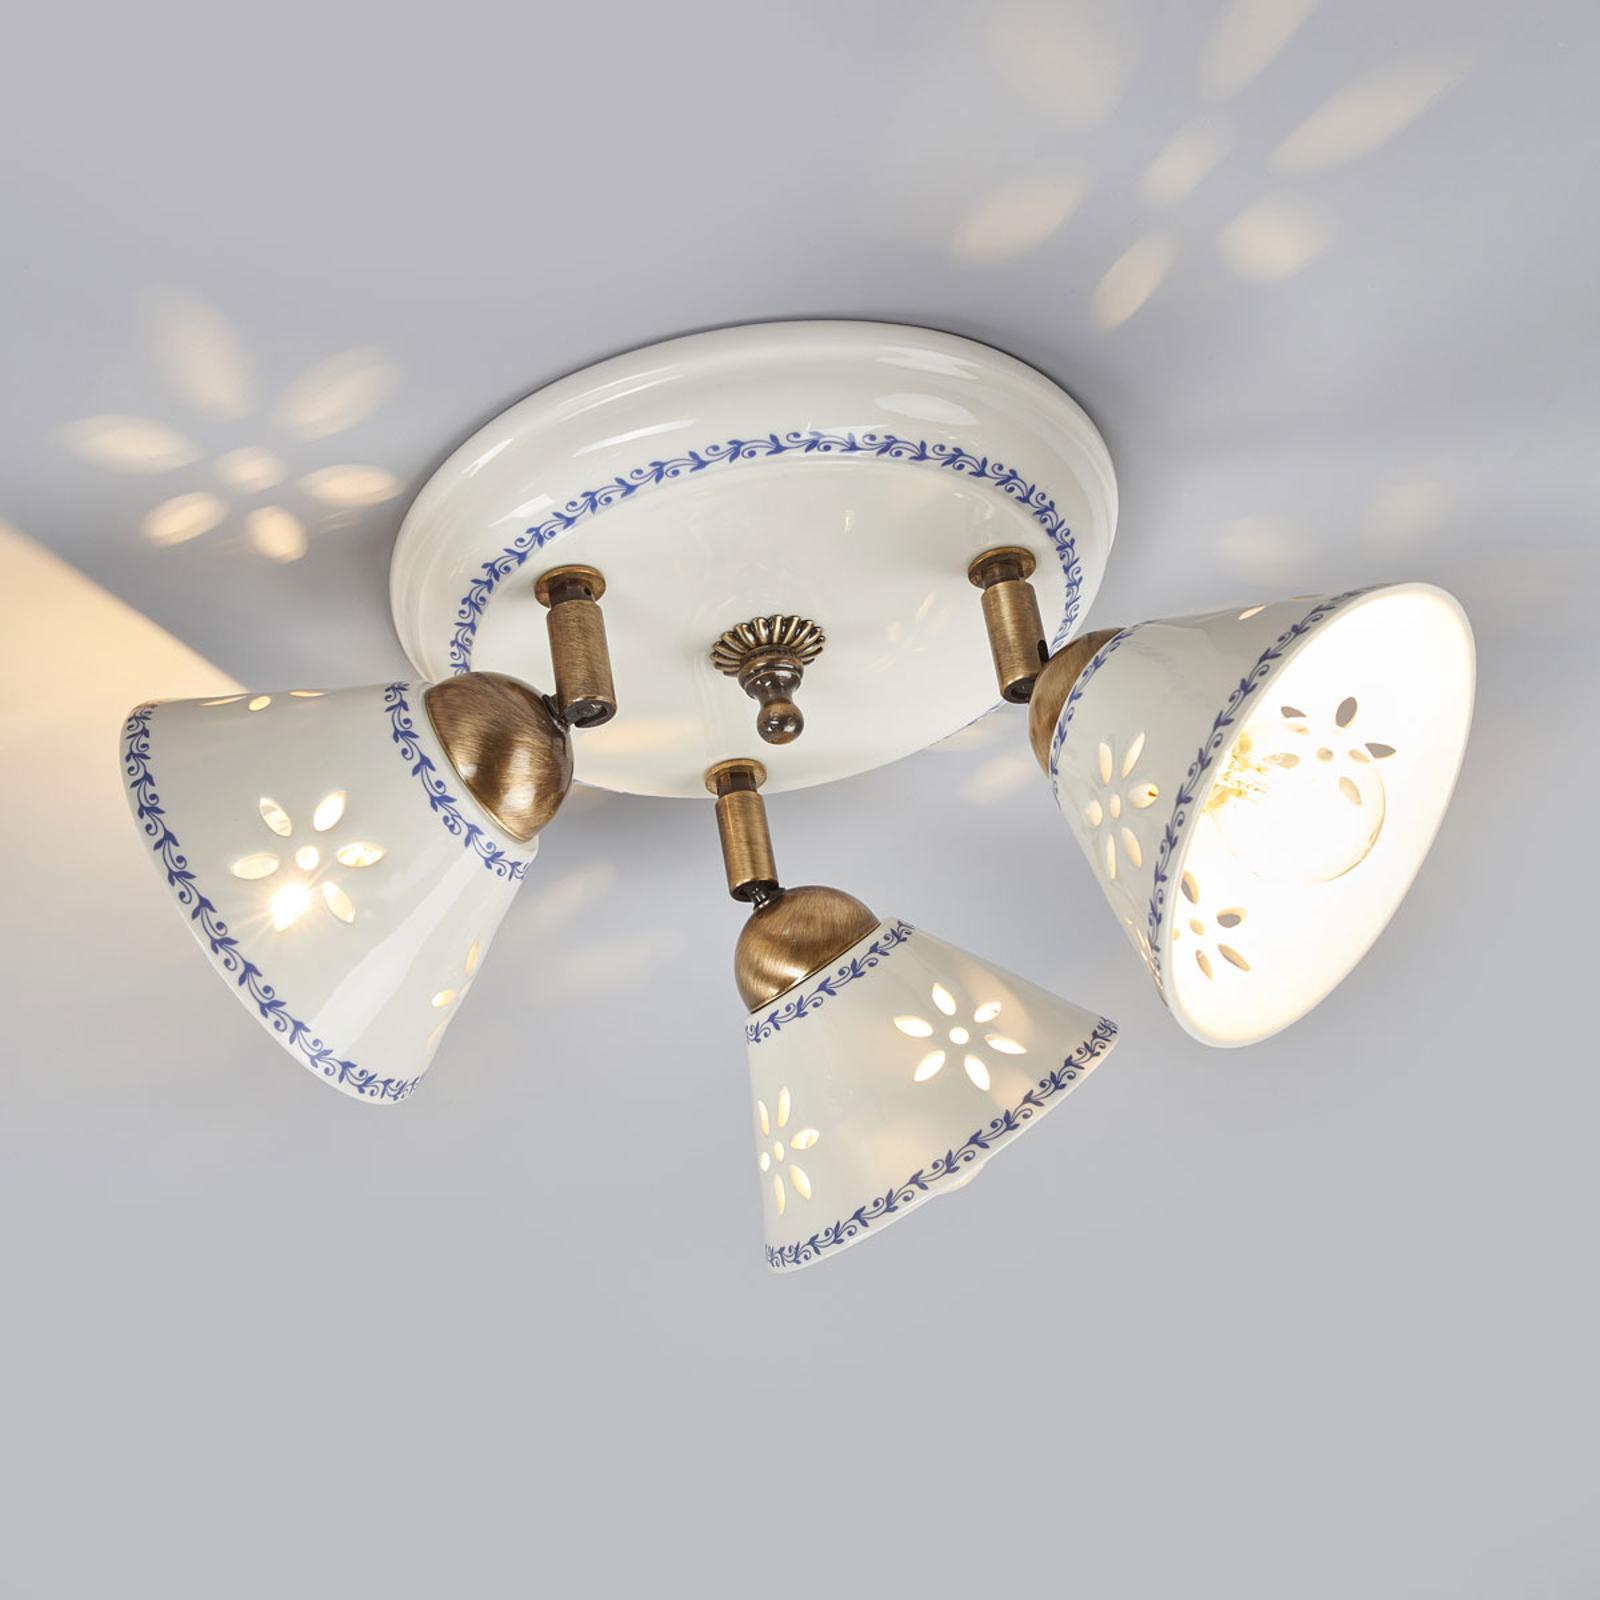 NONNA taklampe i hvit keramikk og med tre lys